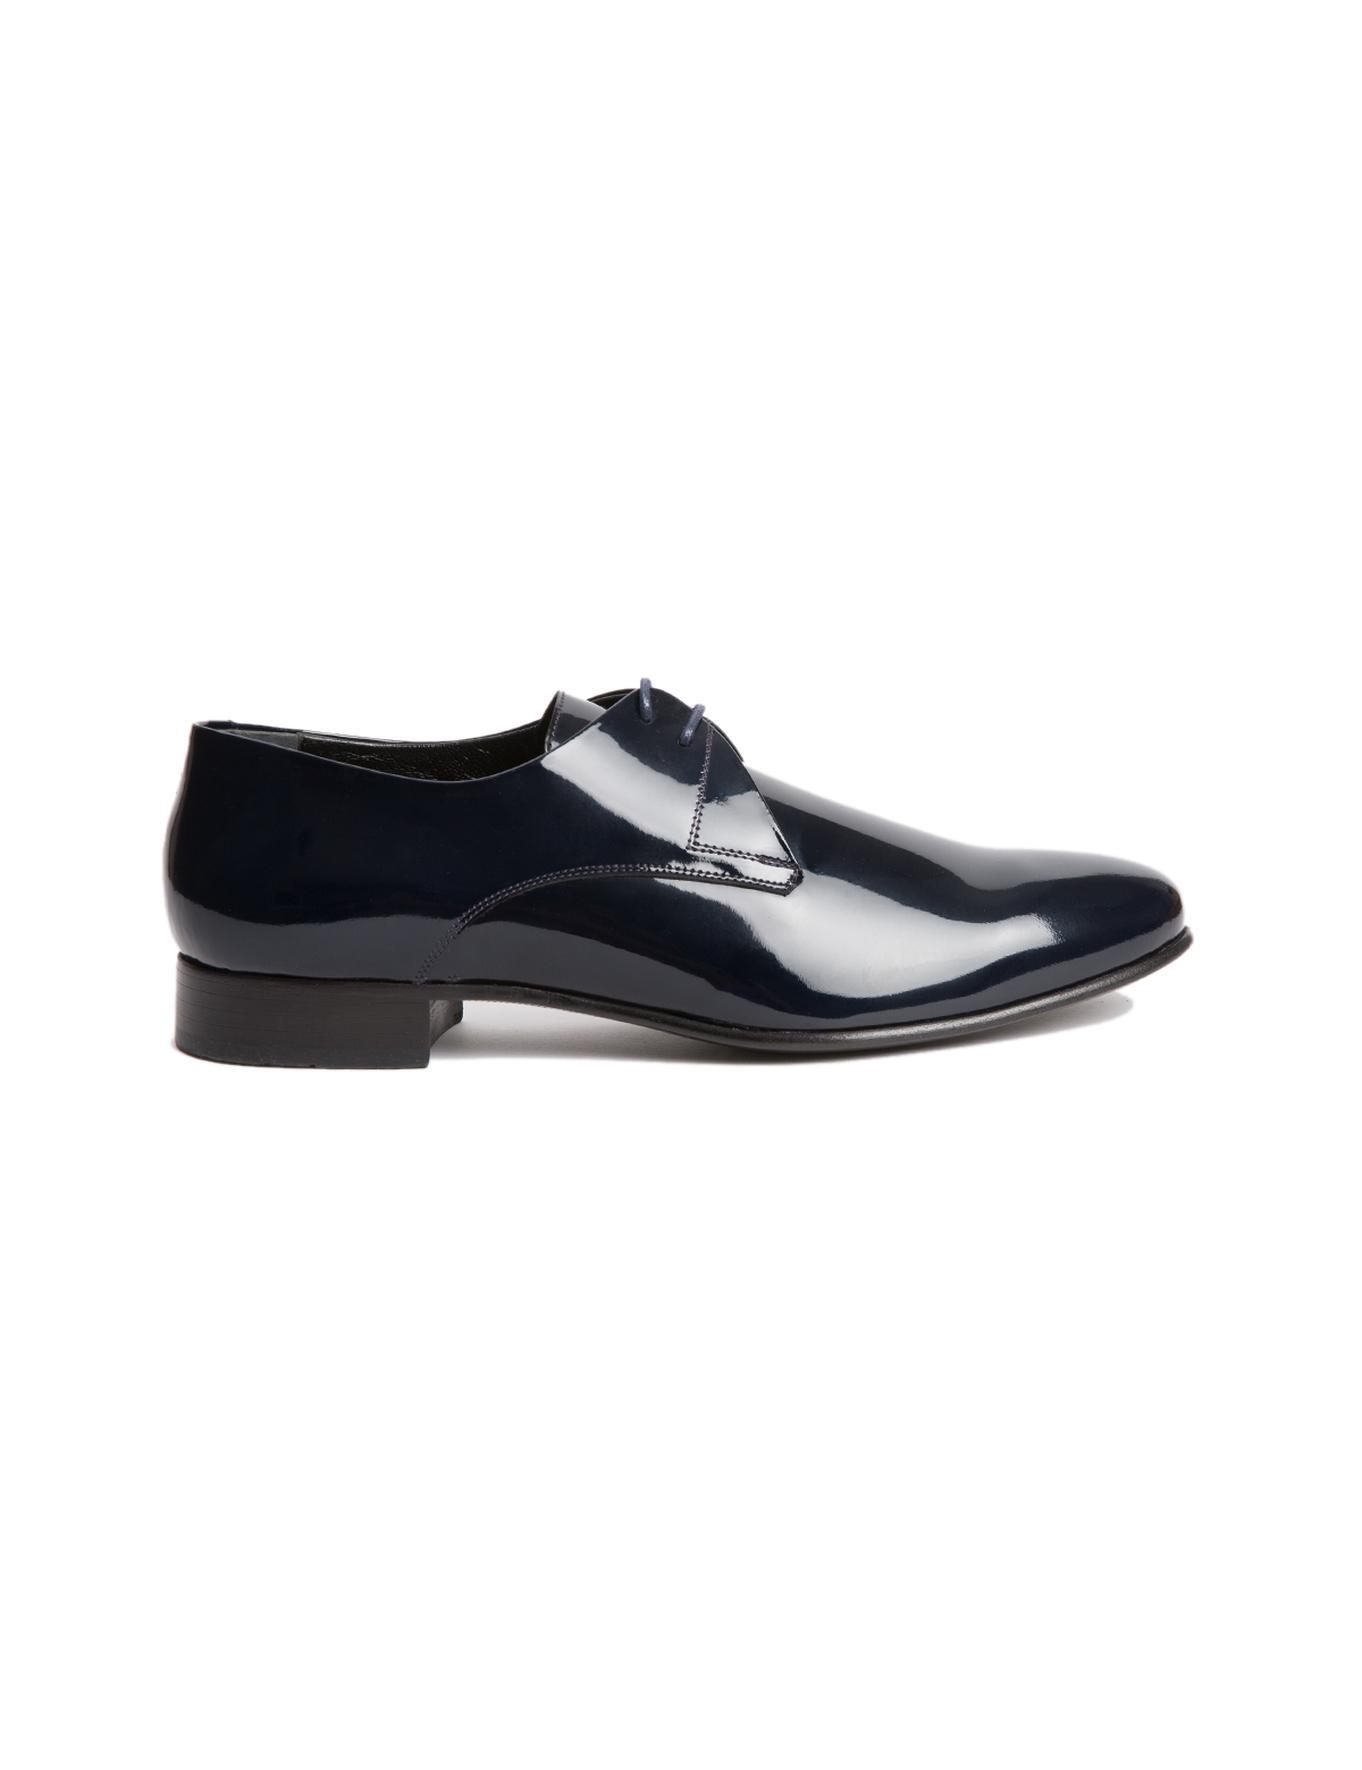 Lacivert Rugan Ayakkabı - 30028269008